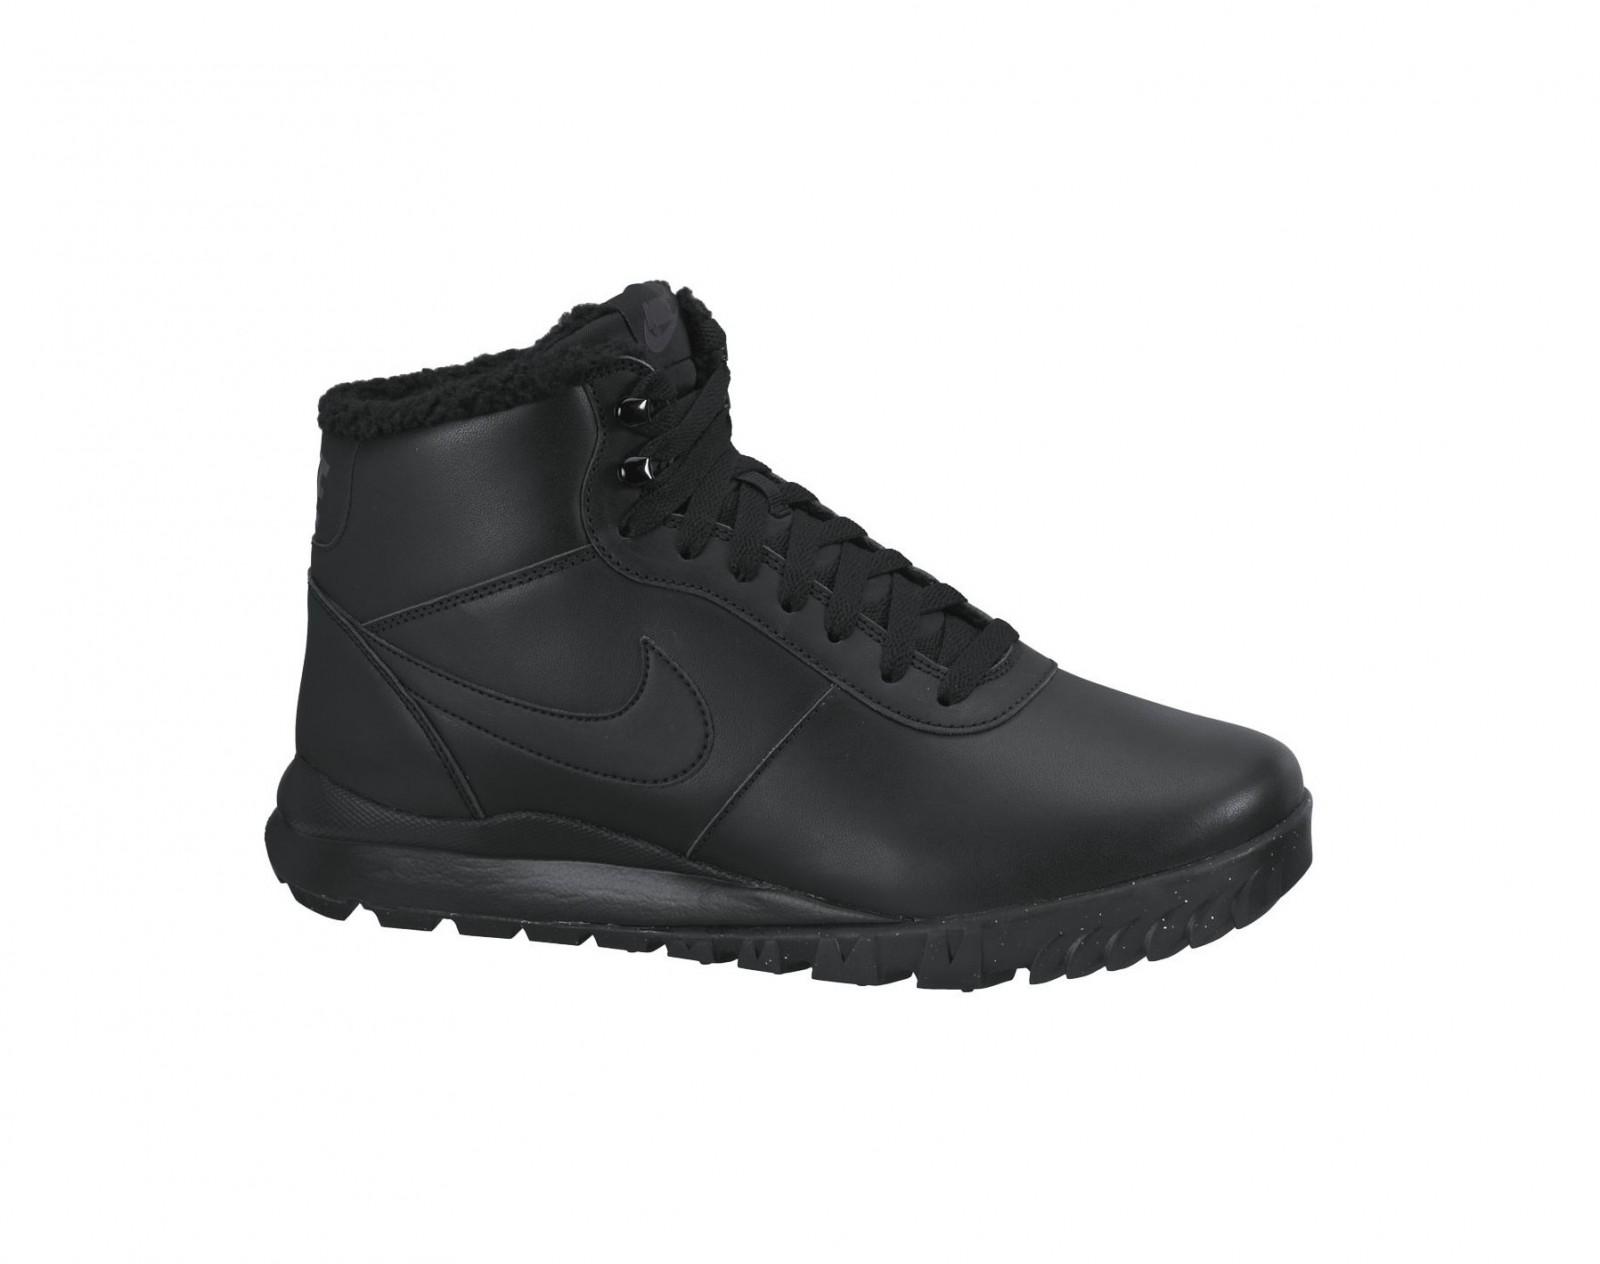 Pánské zimní boty Nike HOODLAND LEATHER  5d9f0cbed1